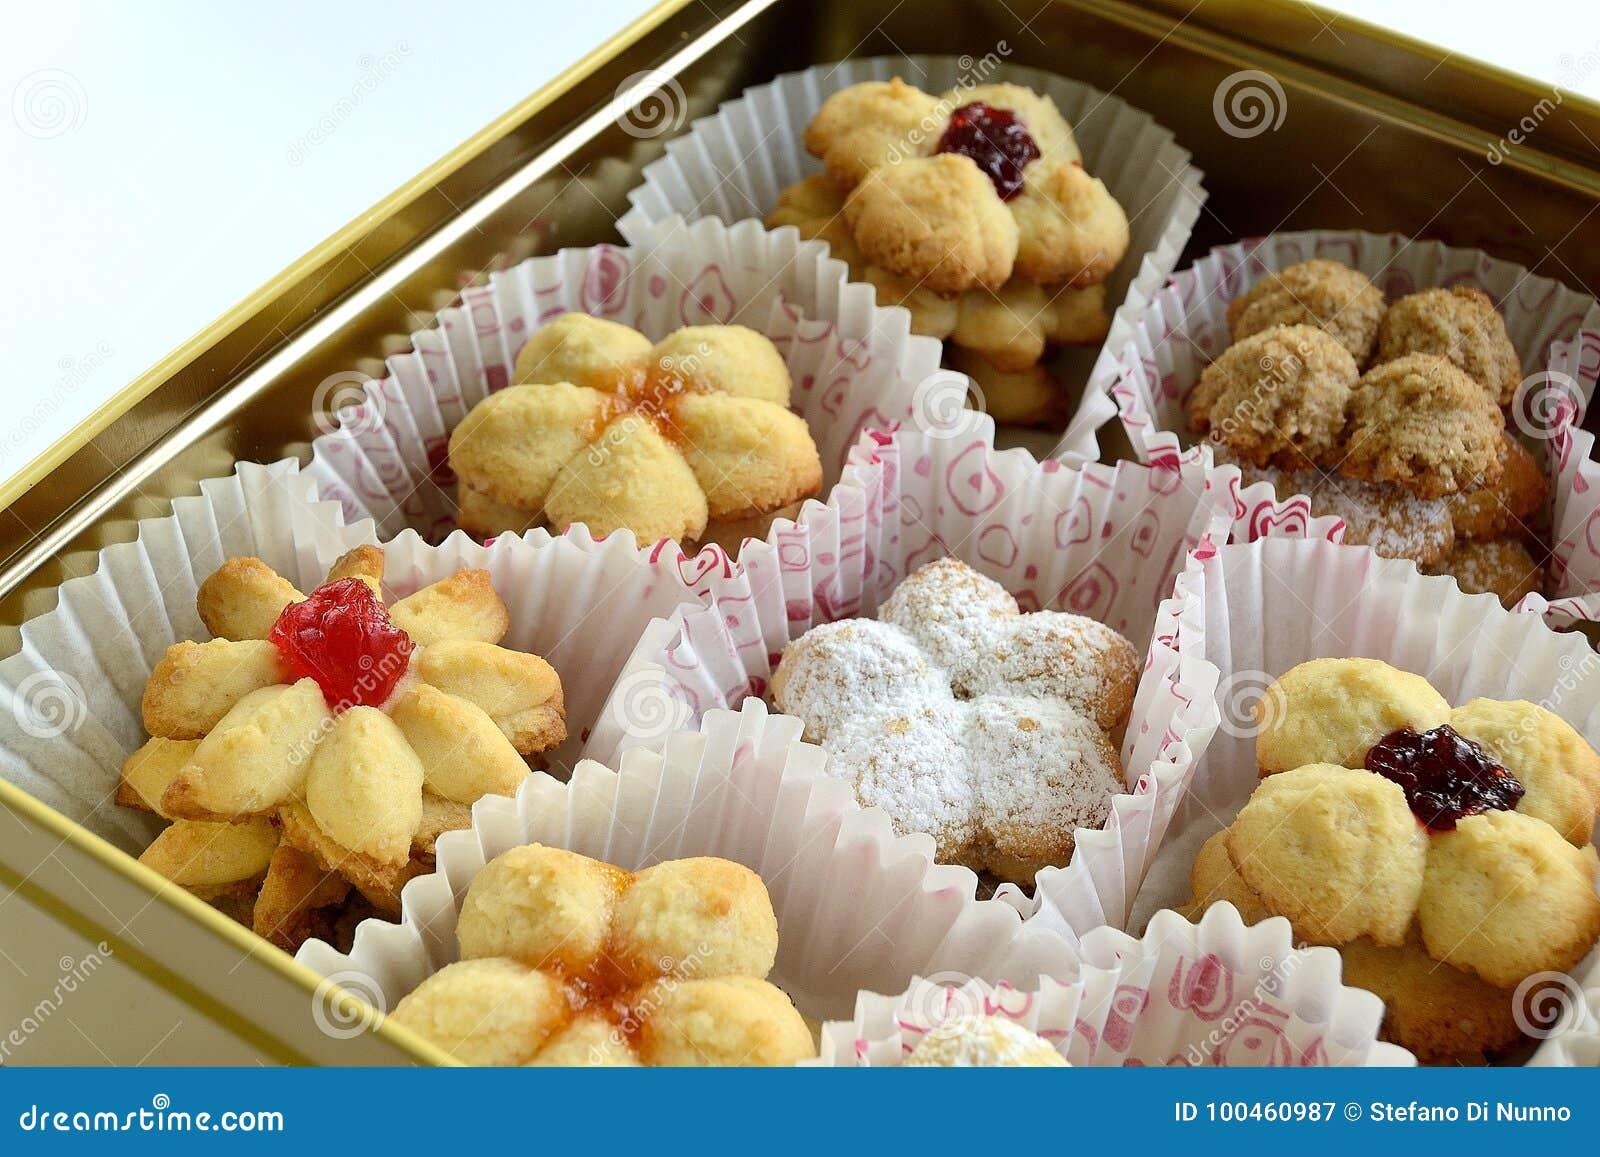 Μπισκότα στο κιβώτιο